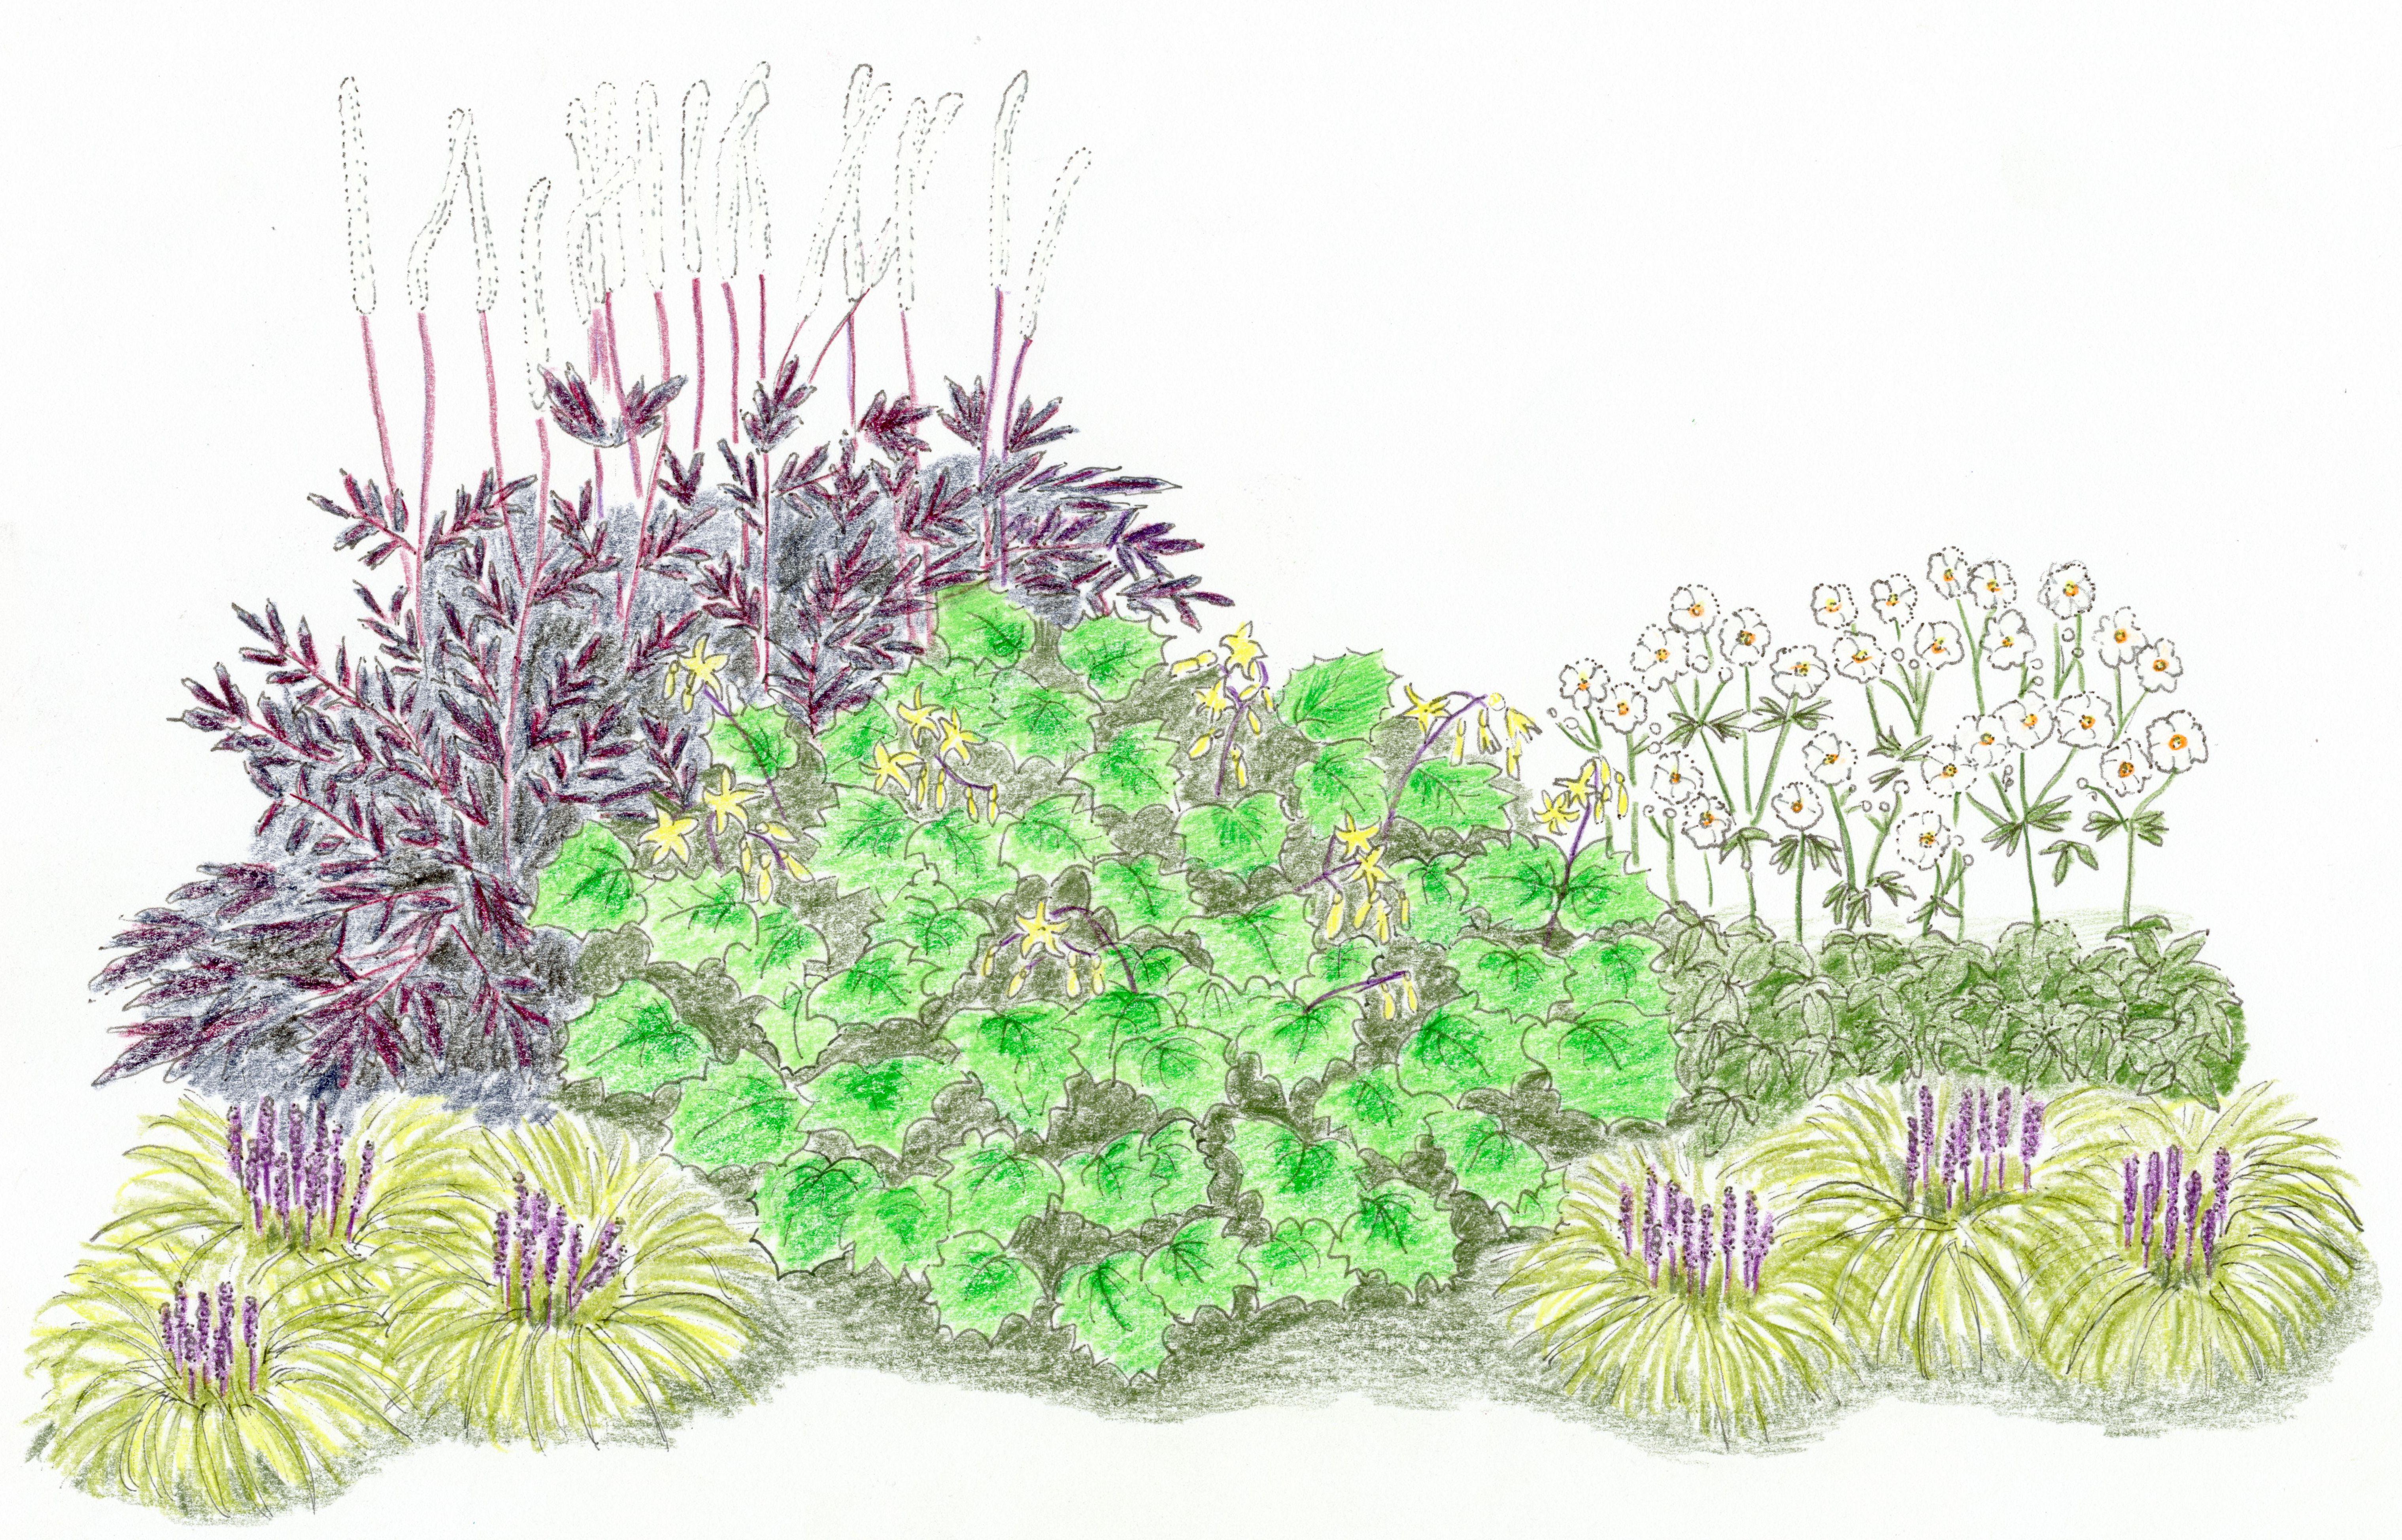 """Oktober-Silberkerze, Japanische Wachsglocke, Herbst-Anemone """"Honorine Jobert"""" und Lilientraube, Zeichnung"""